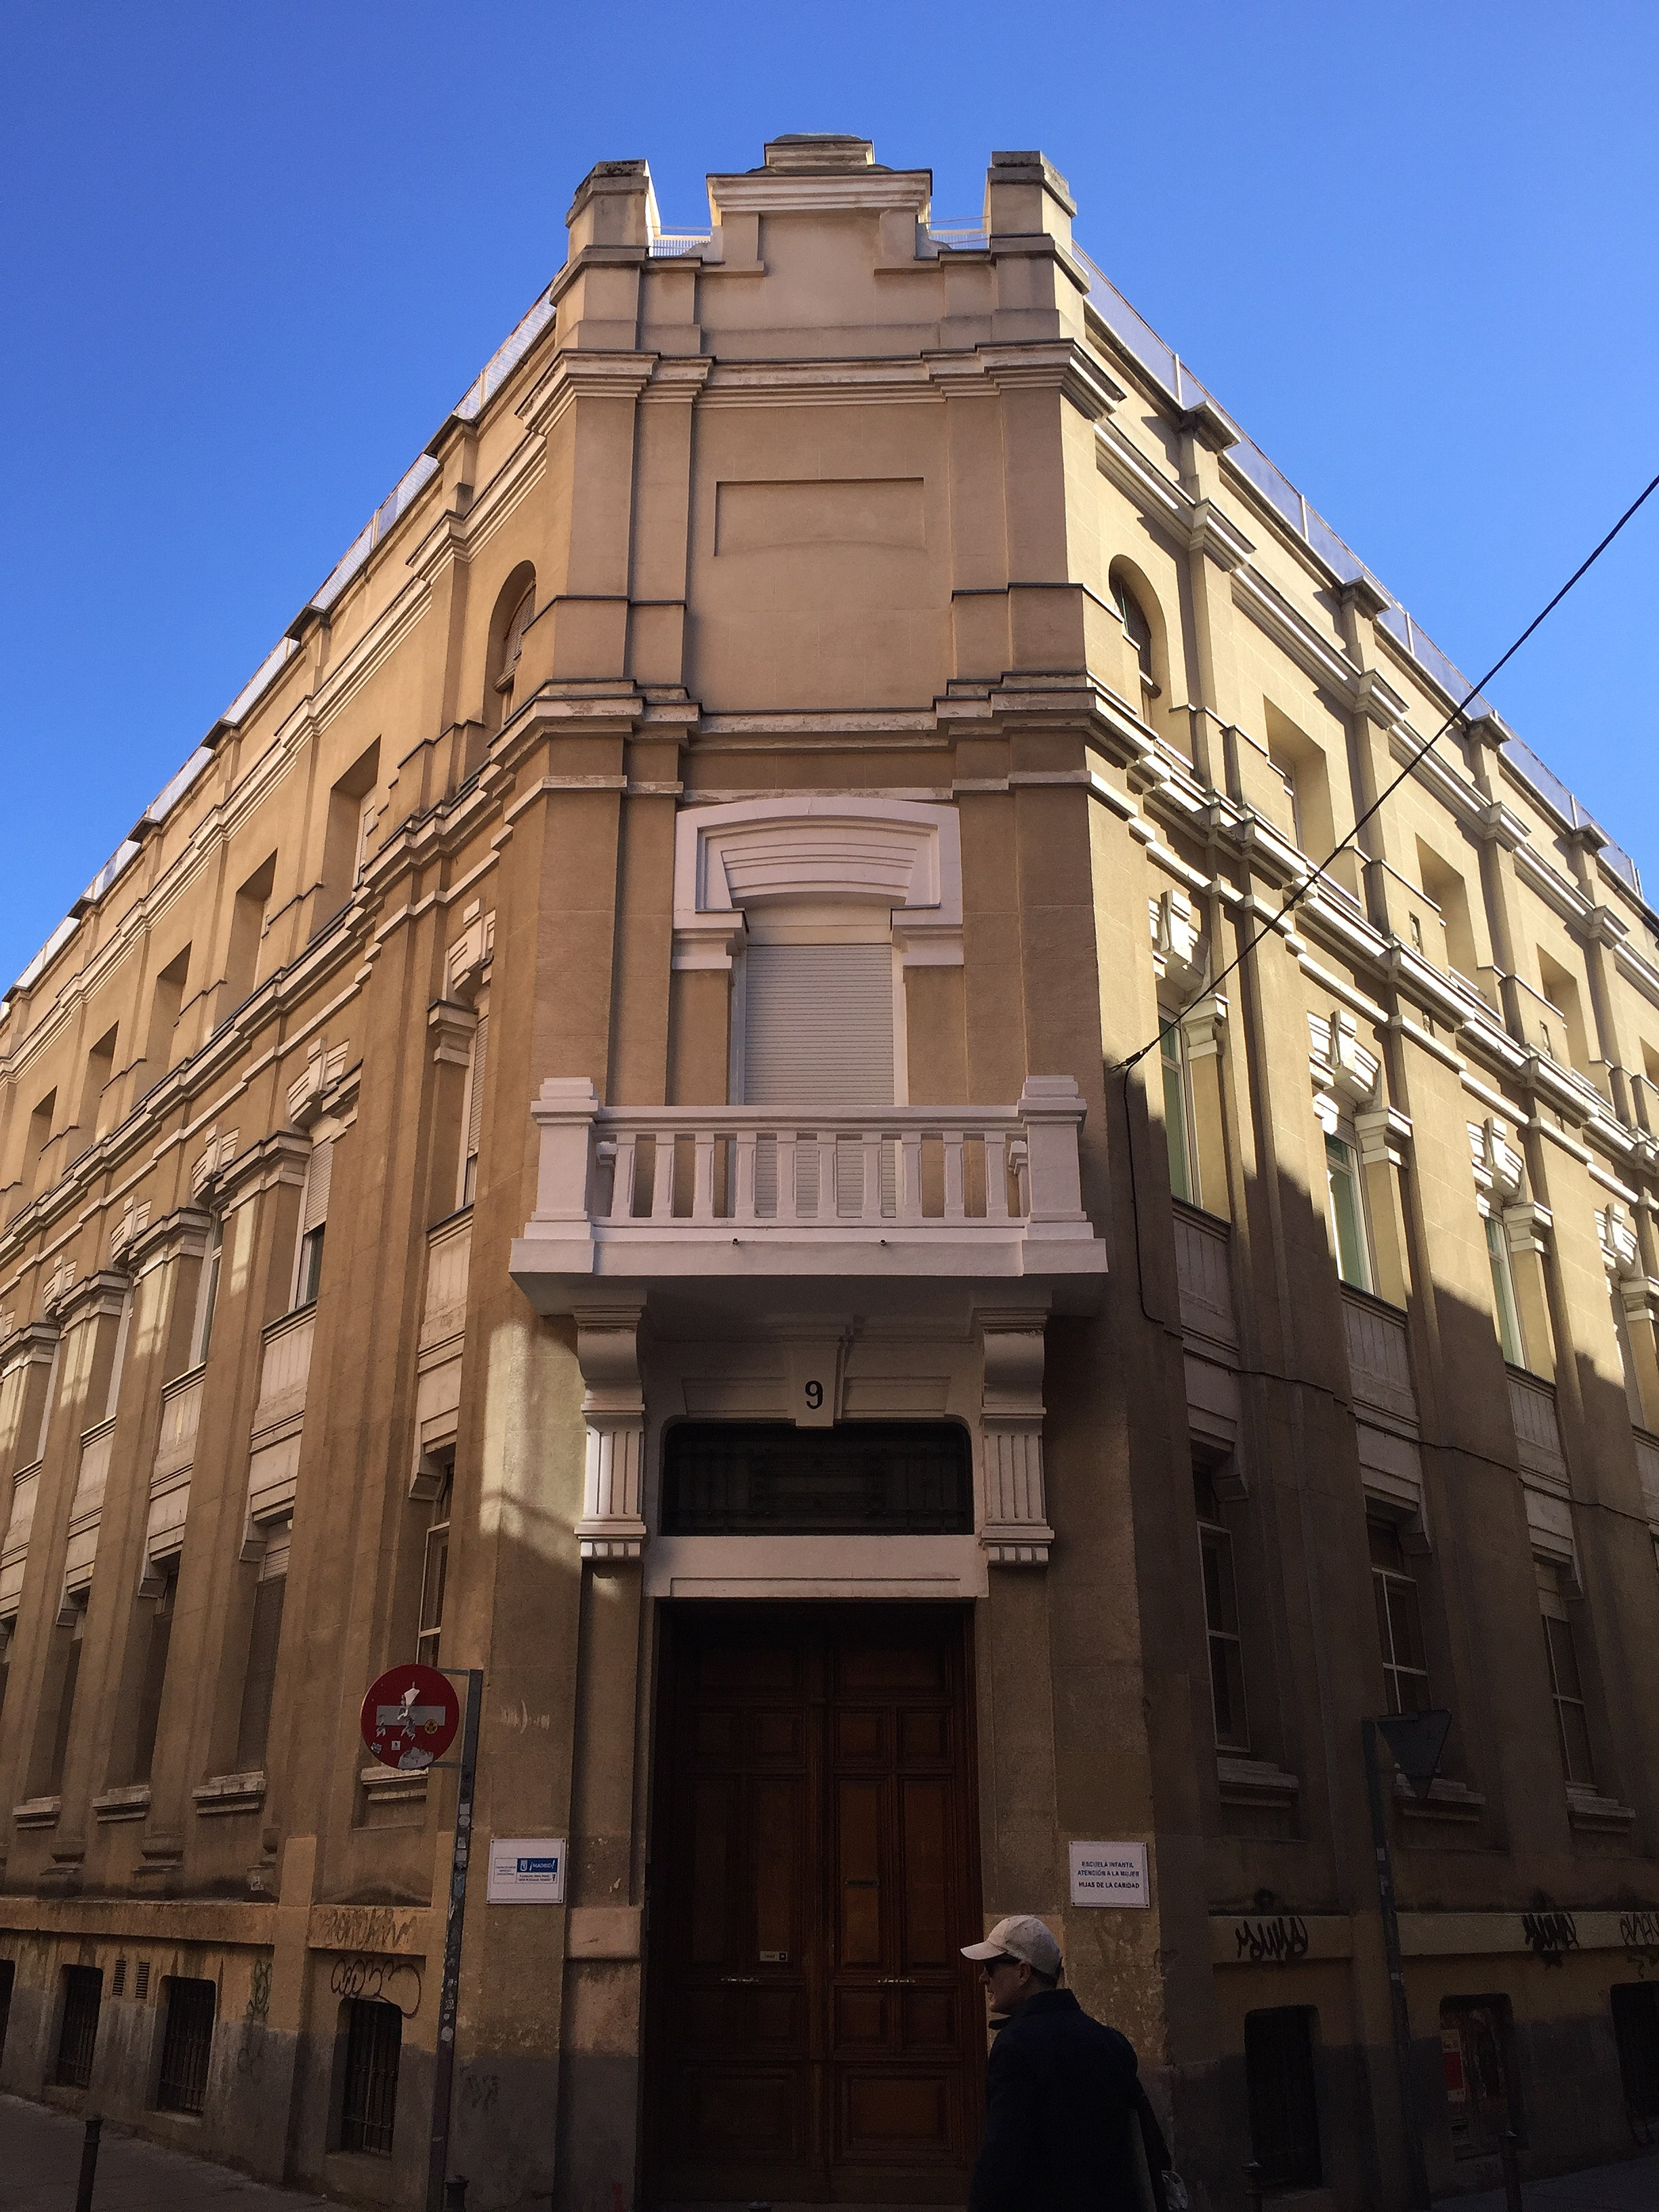 Direcciones a Calle de la Espada 1 (Madrid) en transporte público